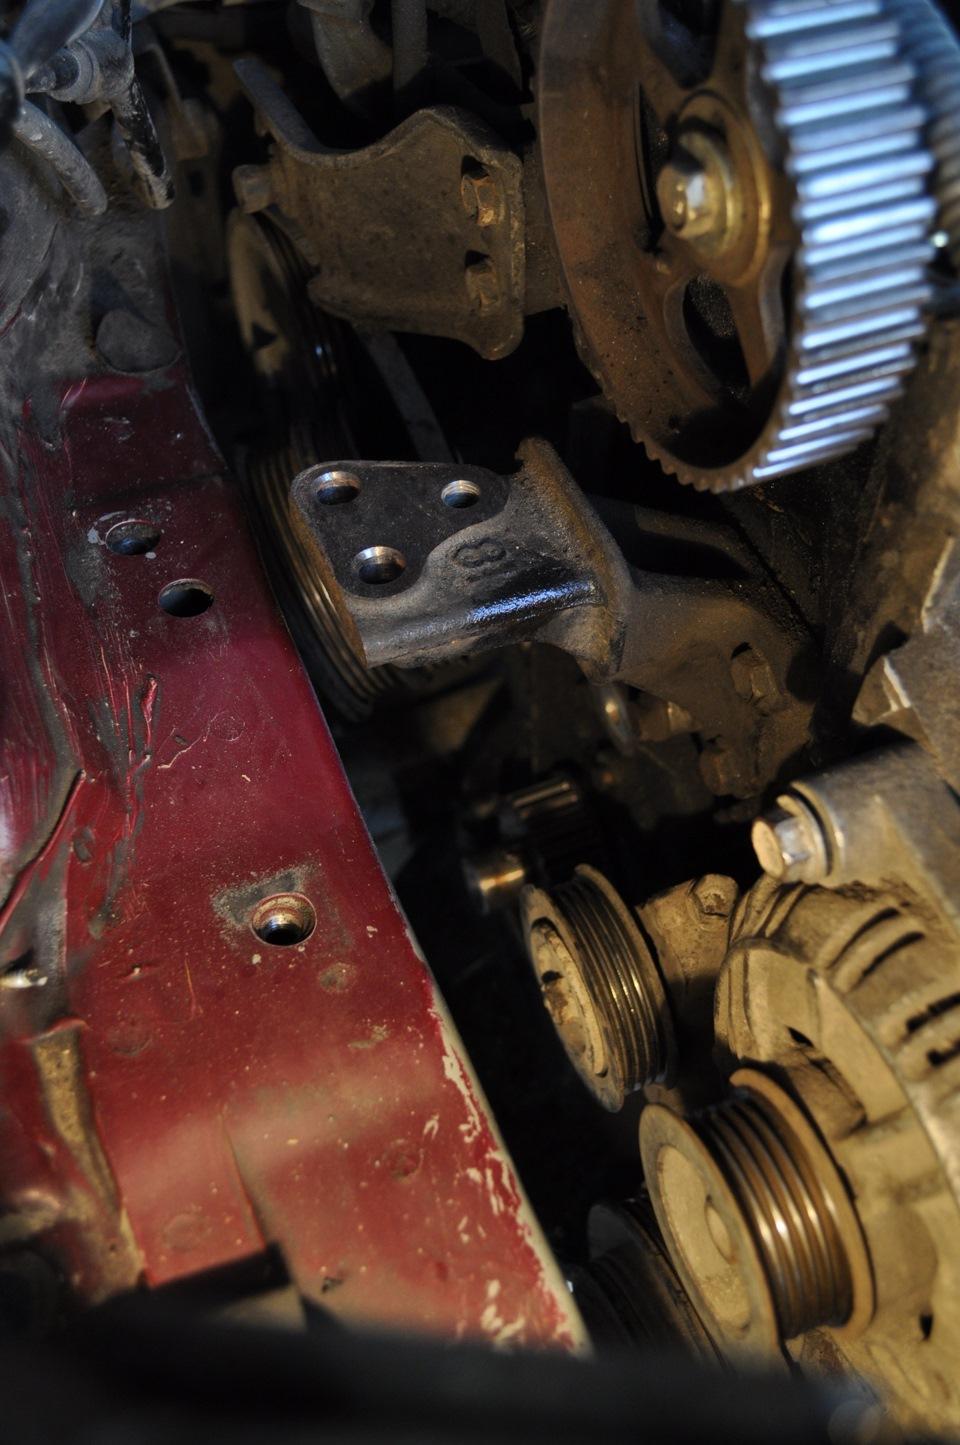 Toyota Карина замена ремня грм #10